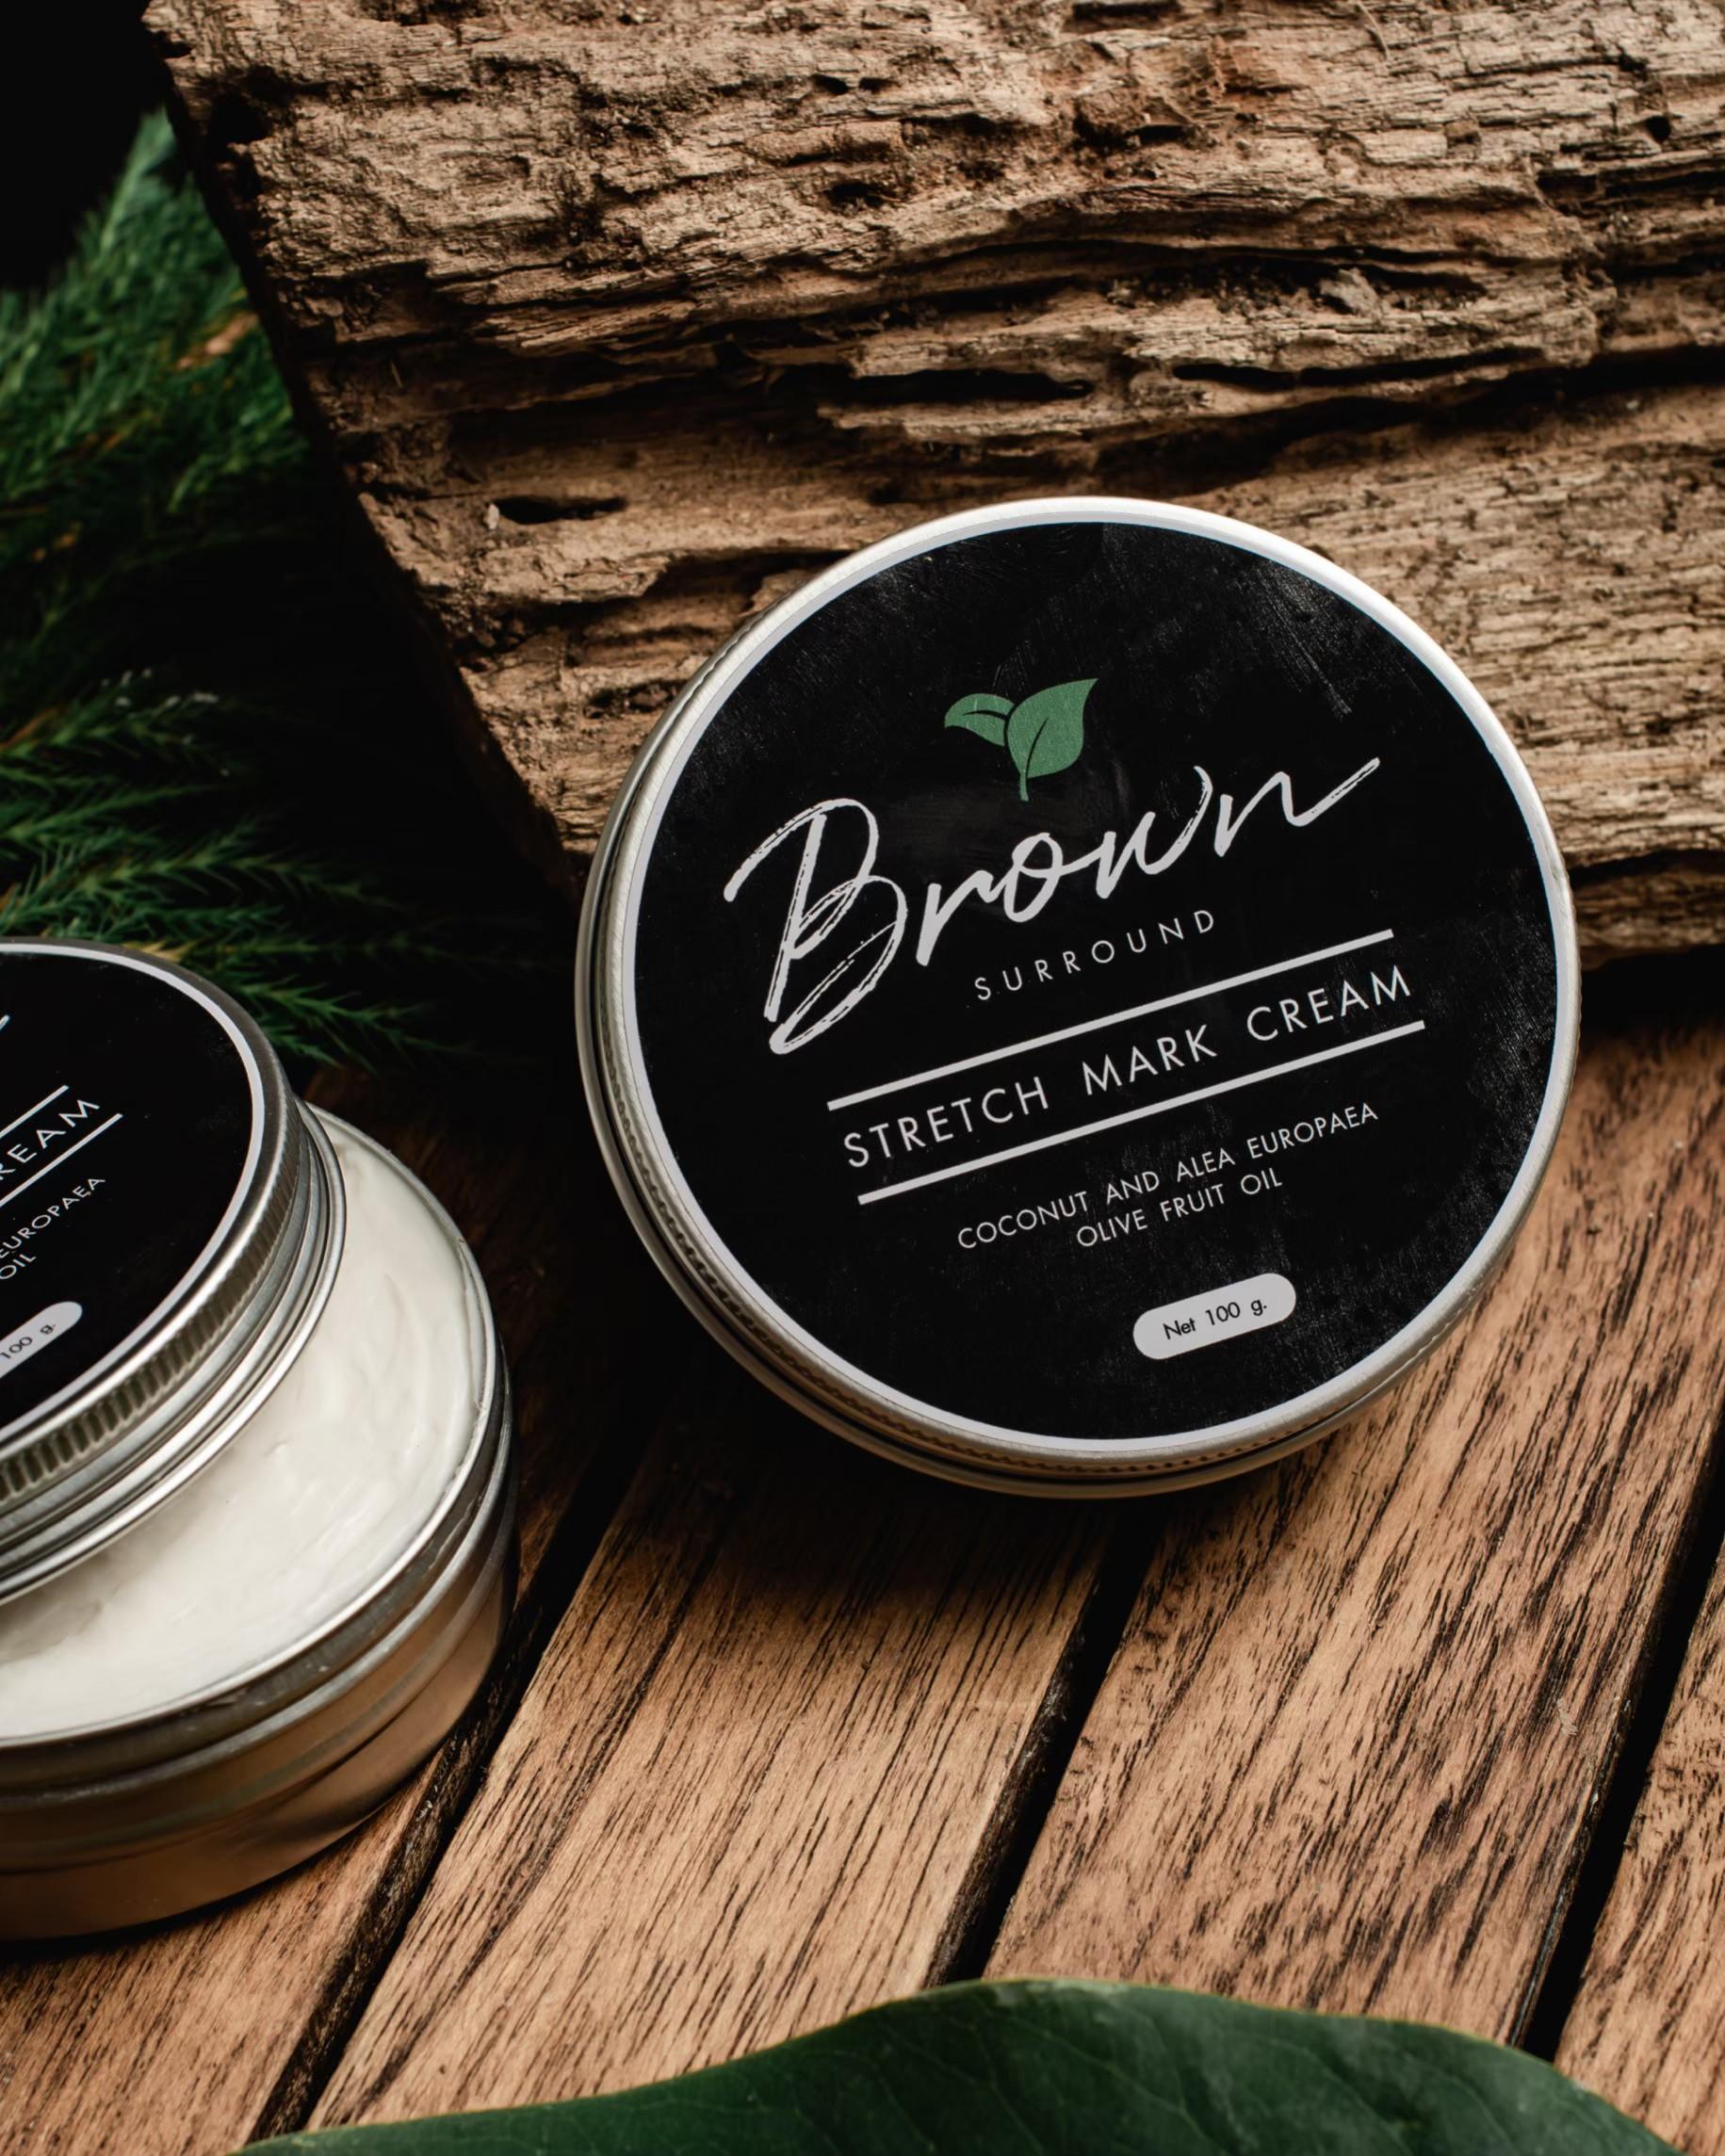 Brown Surround Stretch-mark cream